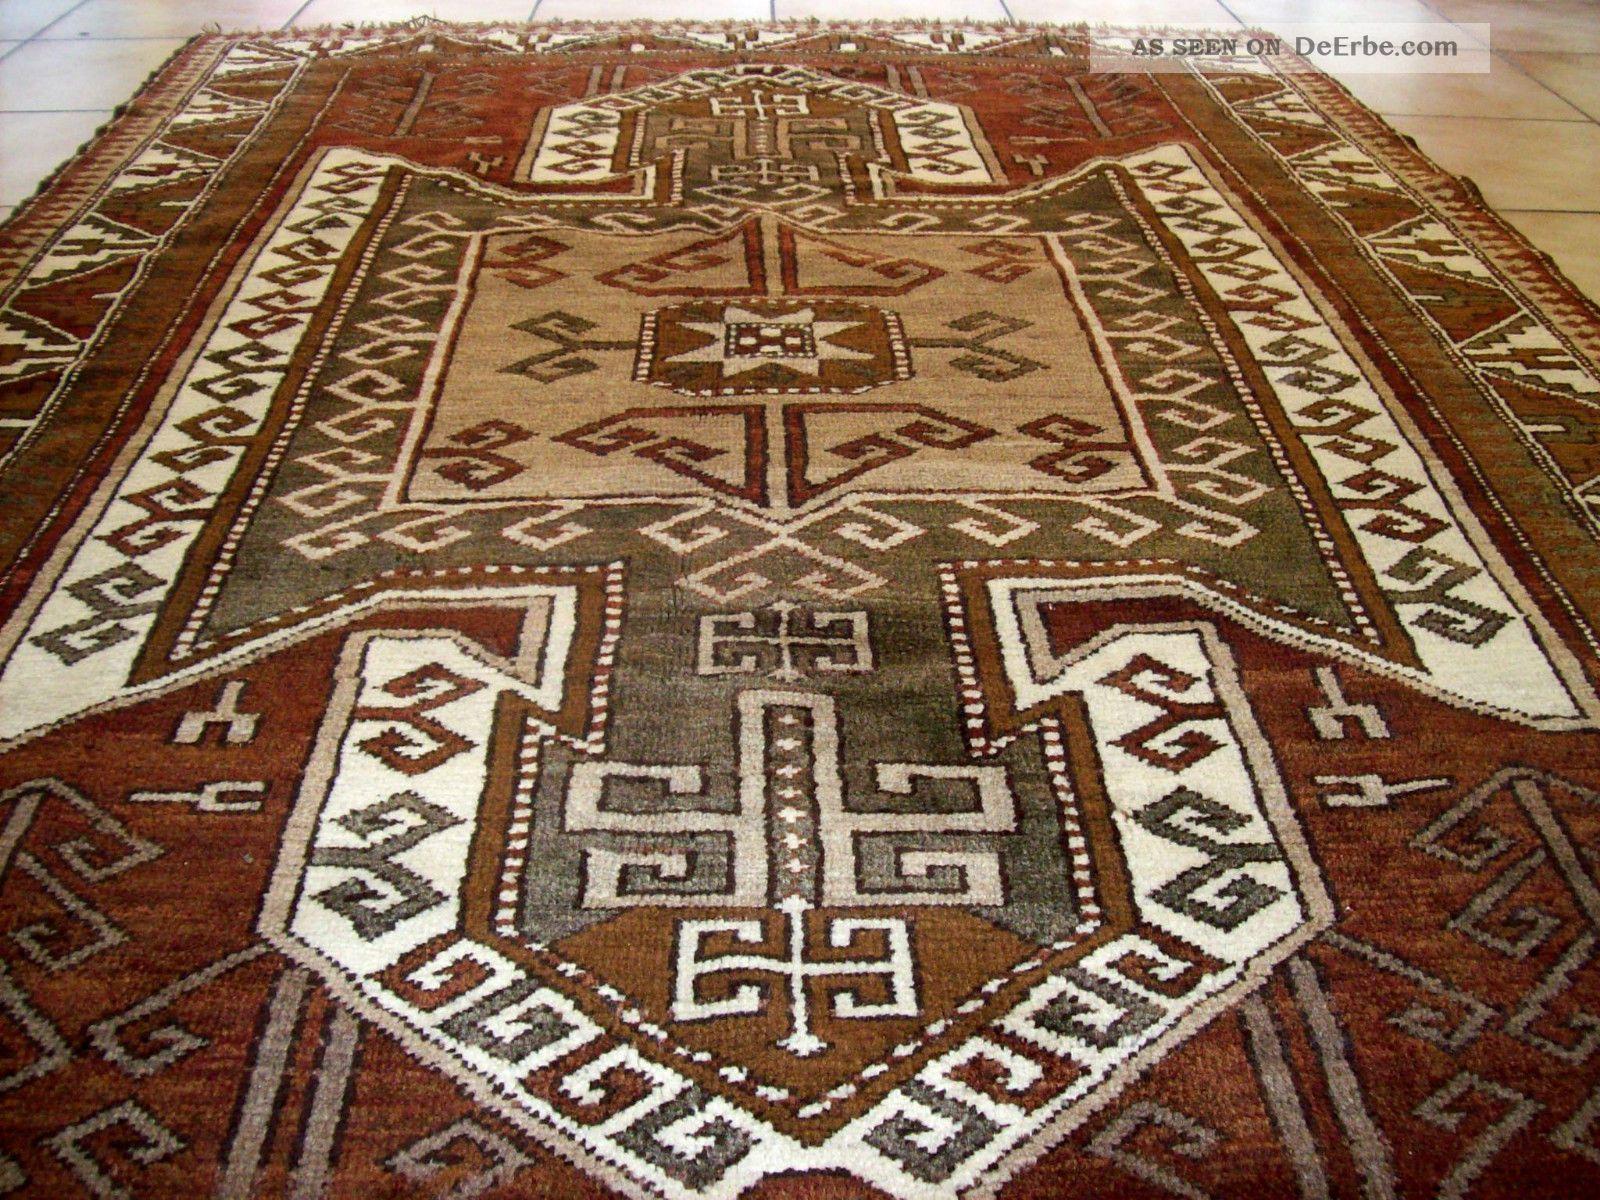 sehr sch ne teppich kazak kars schild muster top zusta 220 x 150. Black Bedroom Furniture Sets. Home Design Ideas